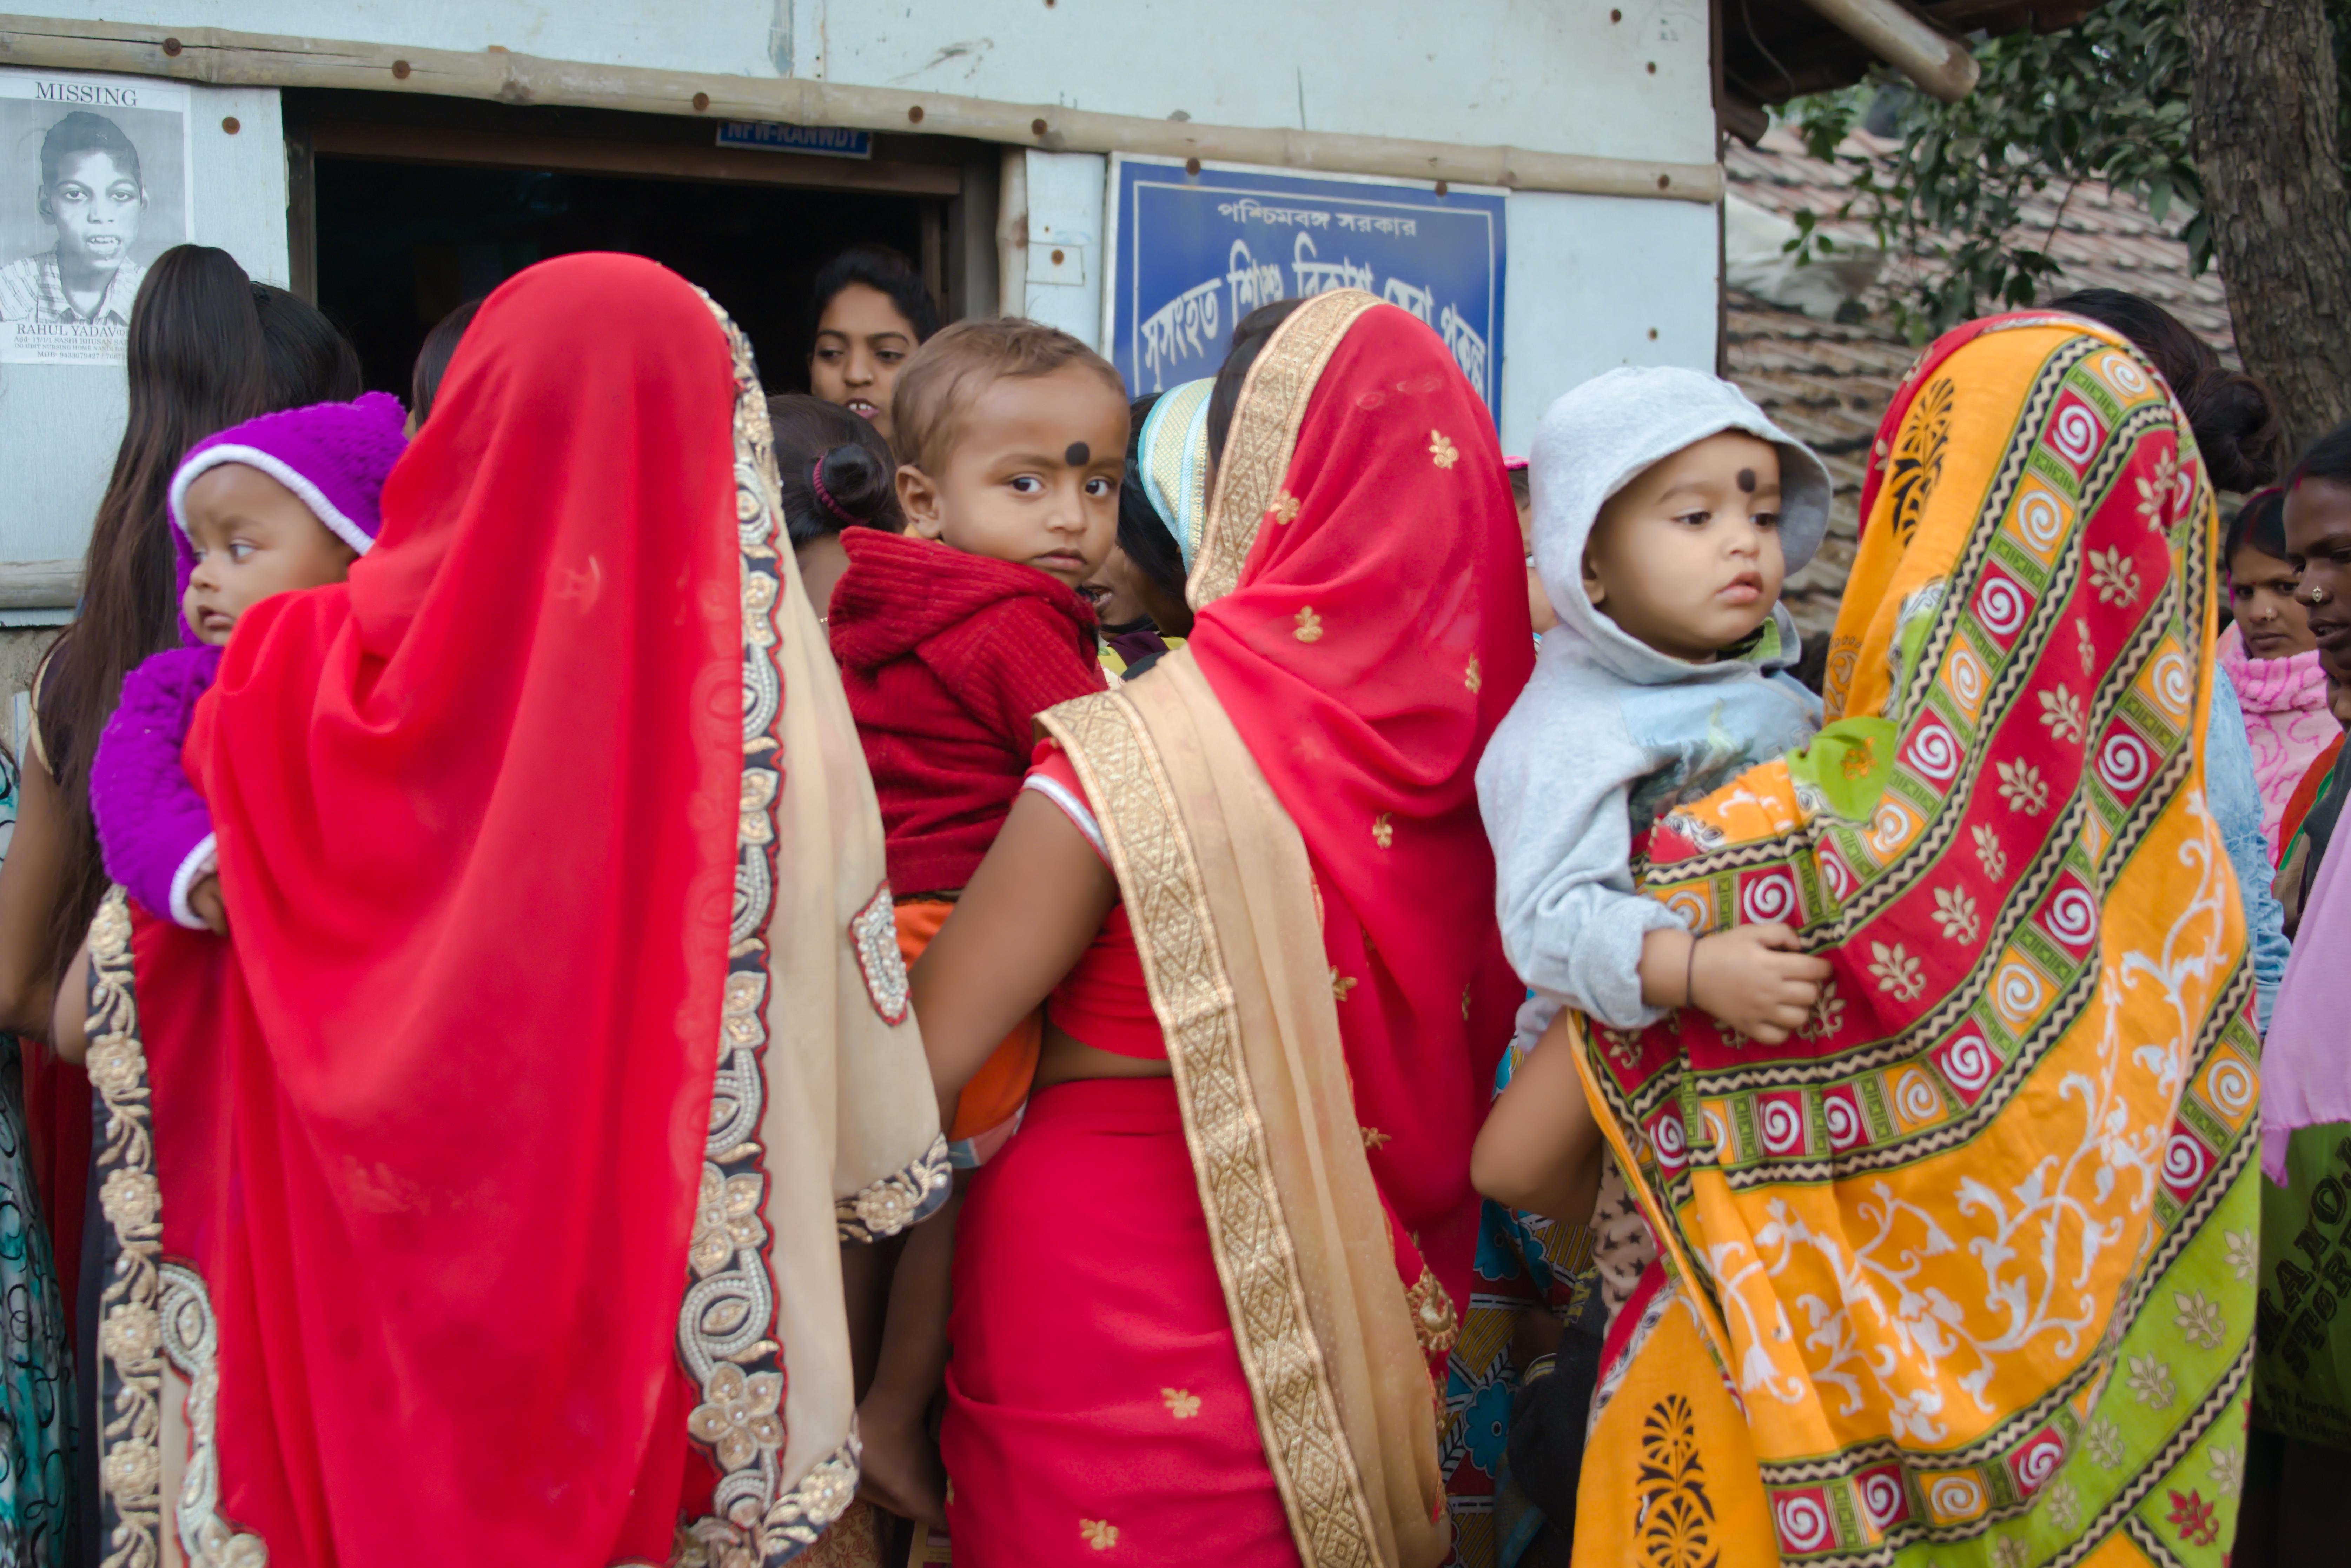 Drei in Saris gehüllte Frauen warten mit ihren Kindern auf dem Arm vor der Klinik.